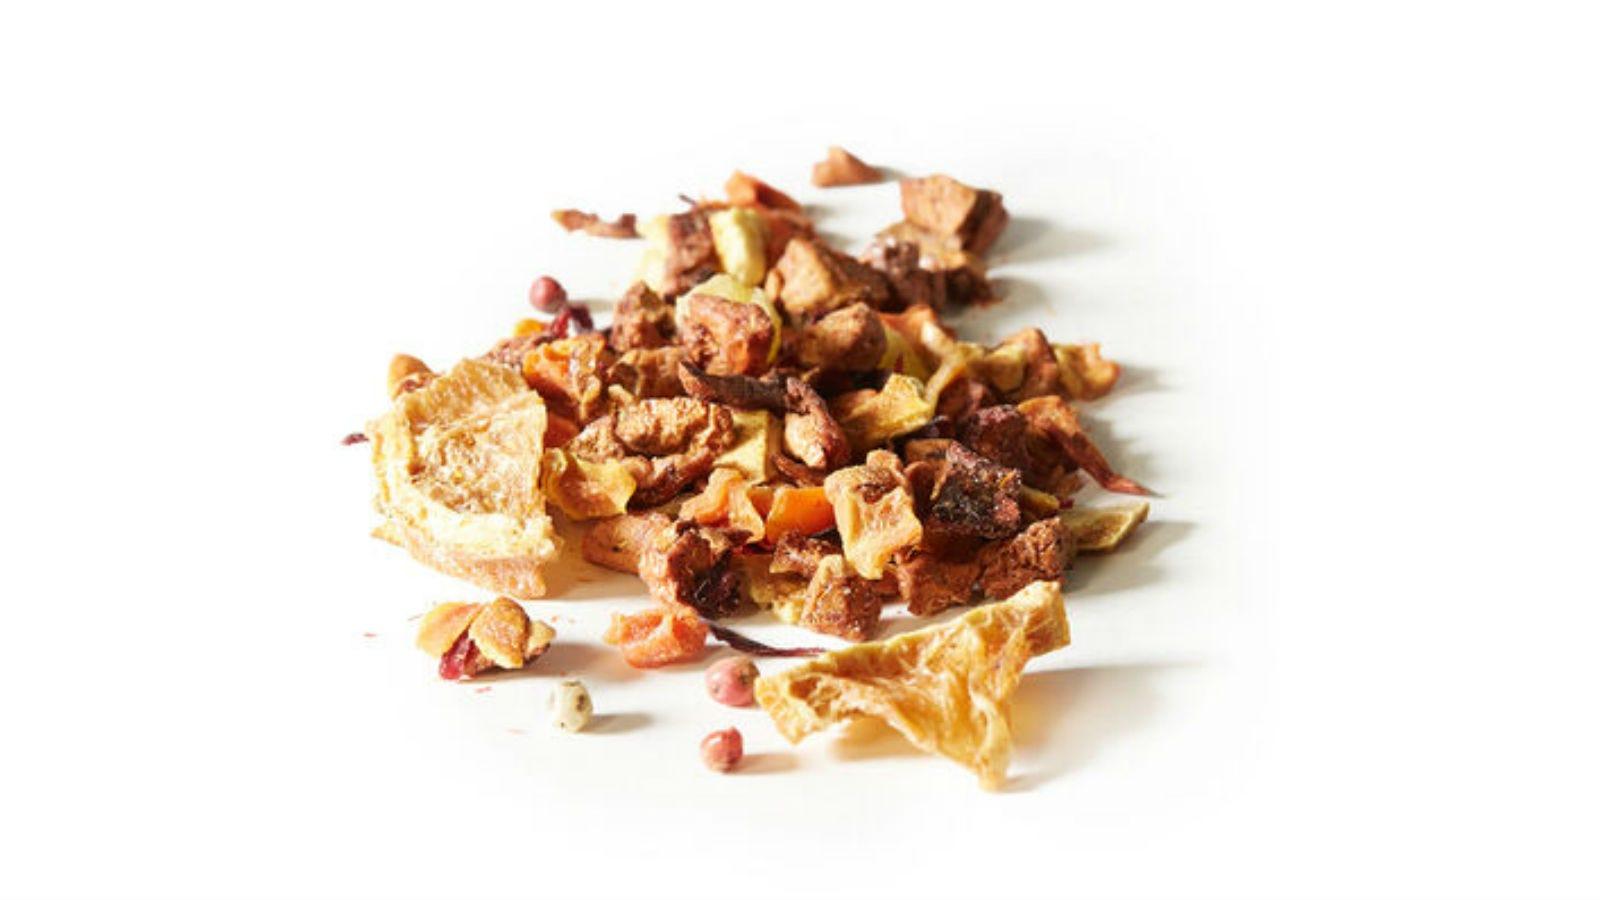 A small pile of David's Tea Sunny C loose leaf Tea.